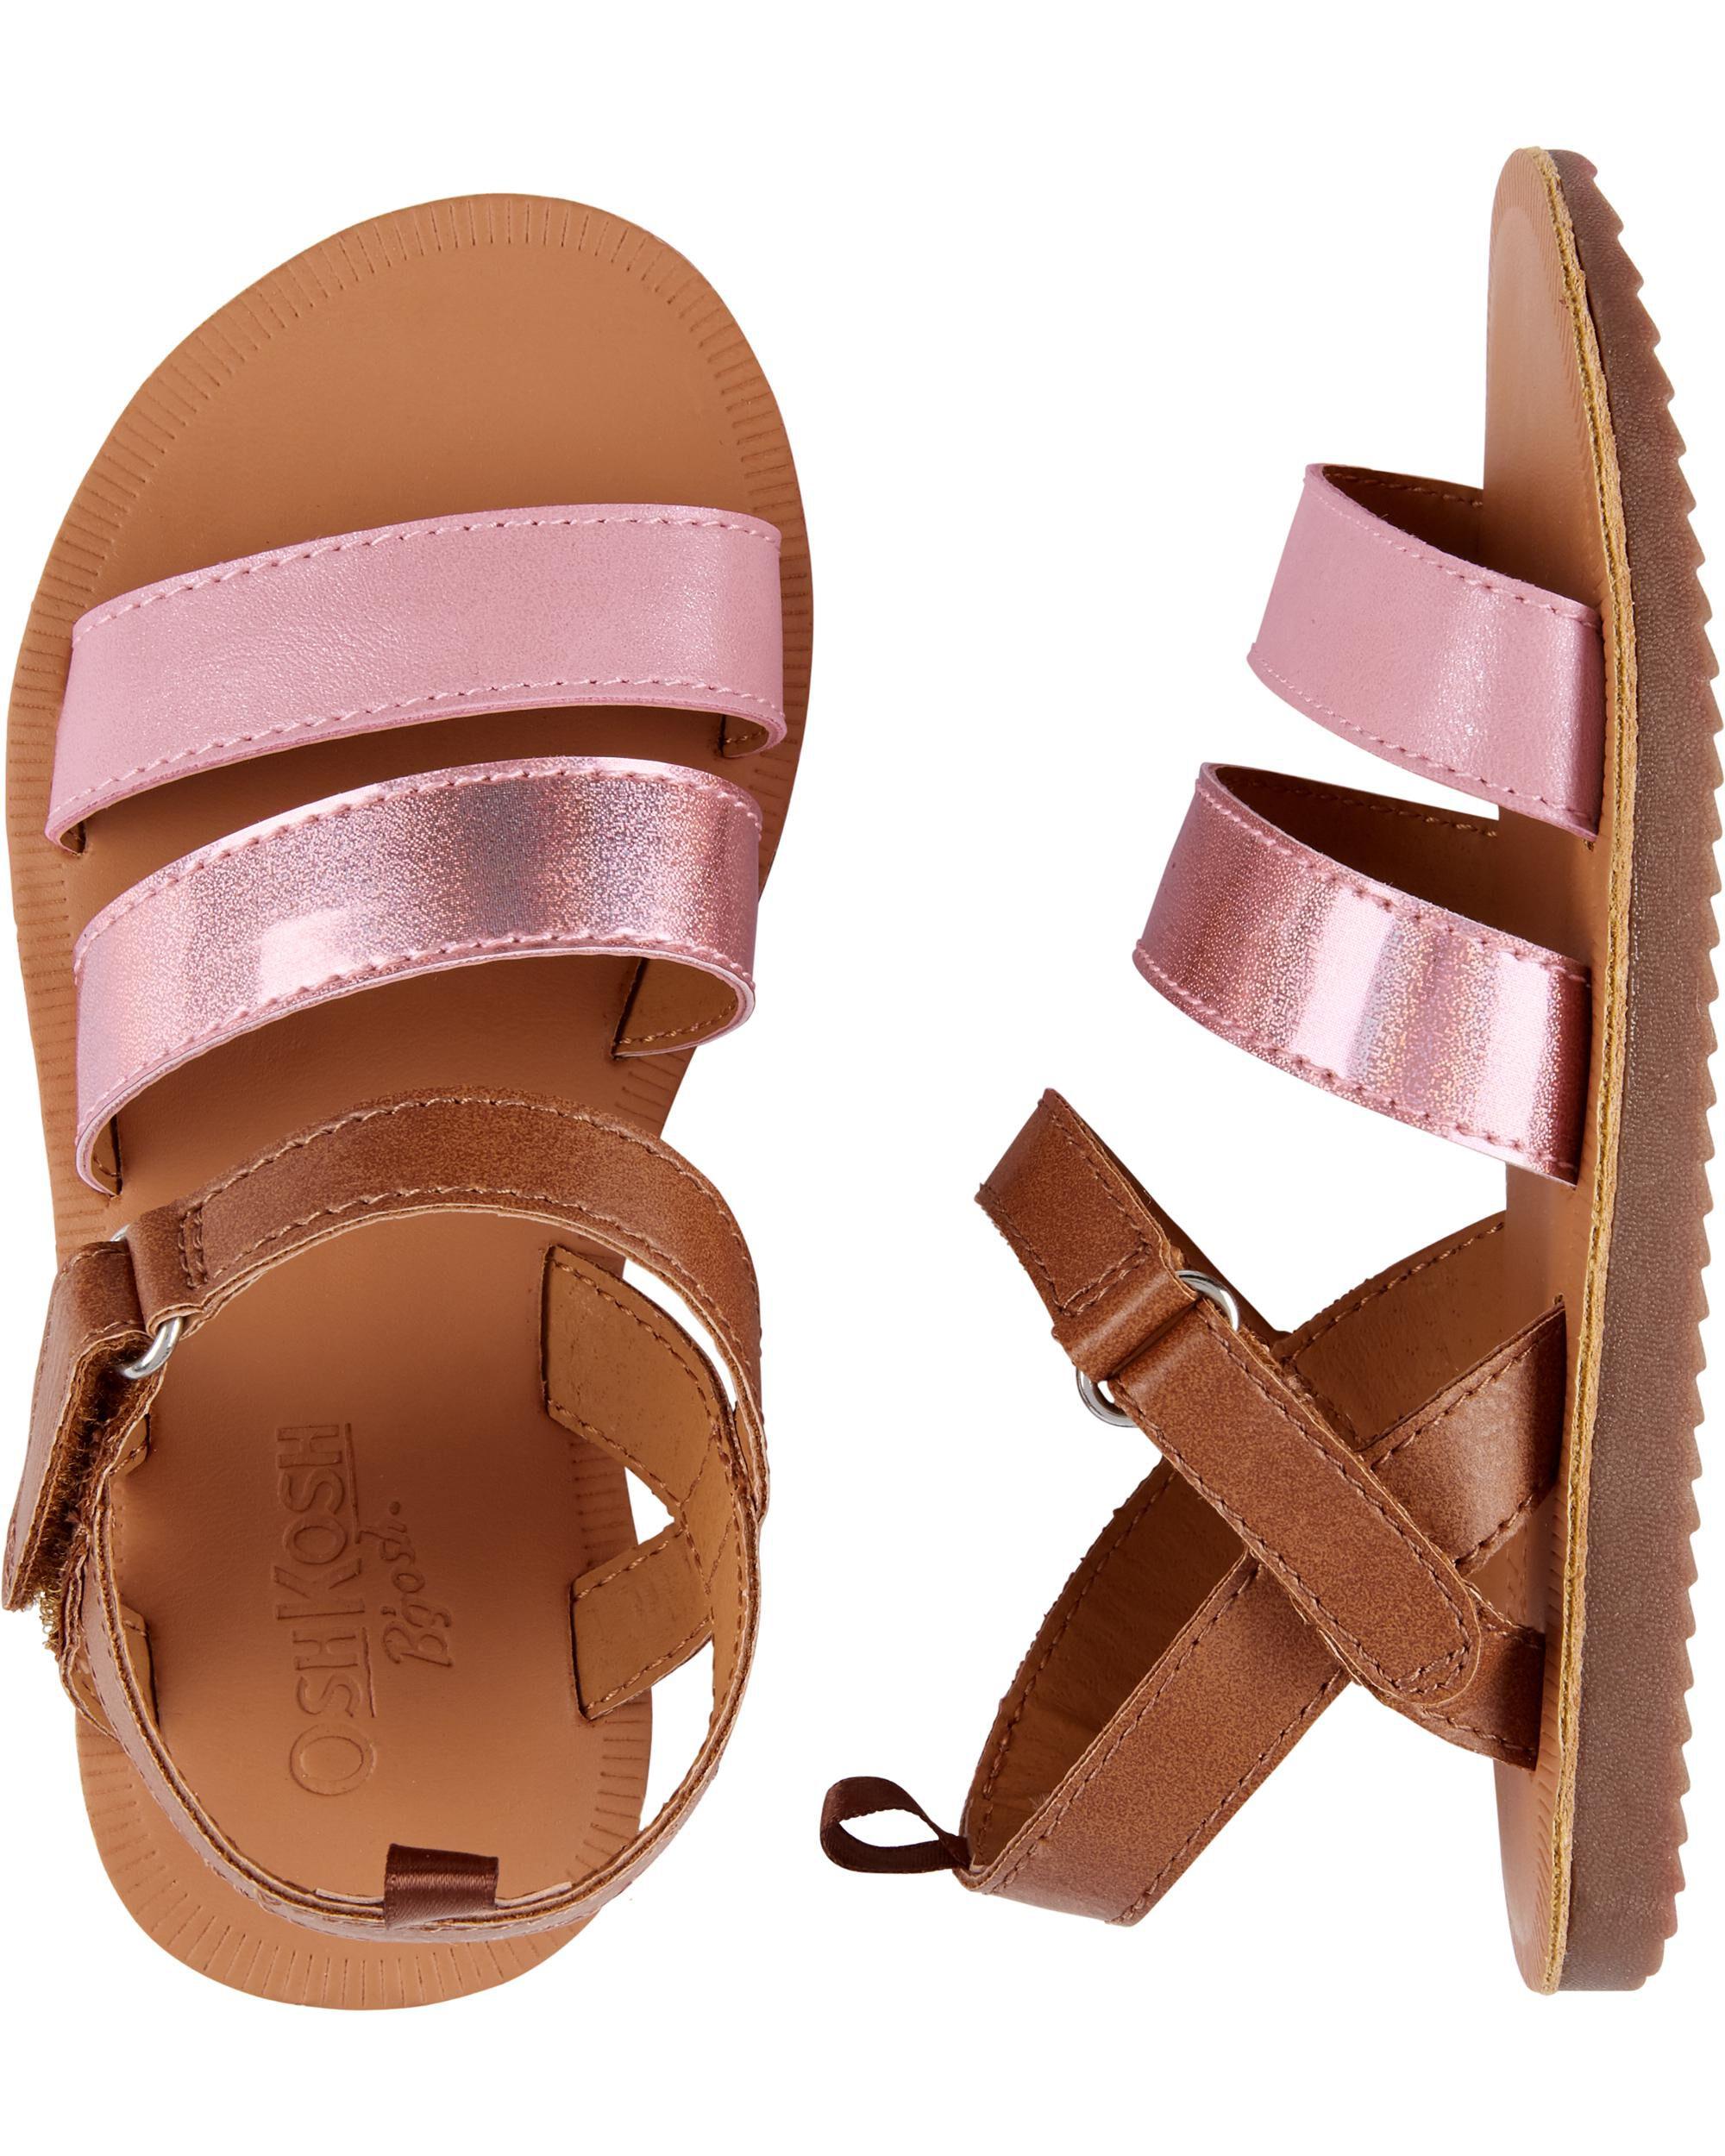 Metallic Pink Sandals | carters.com